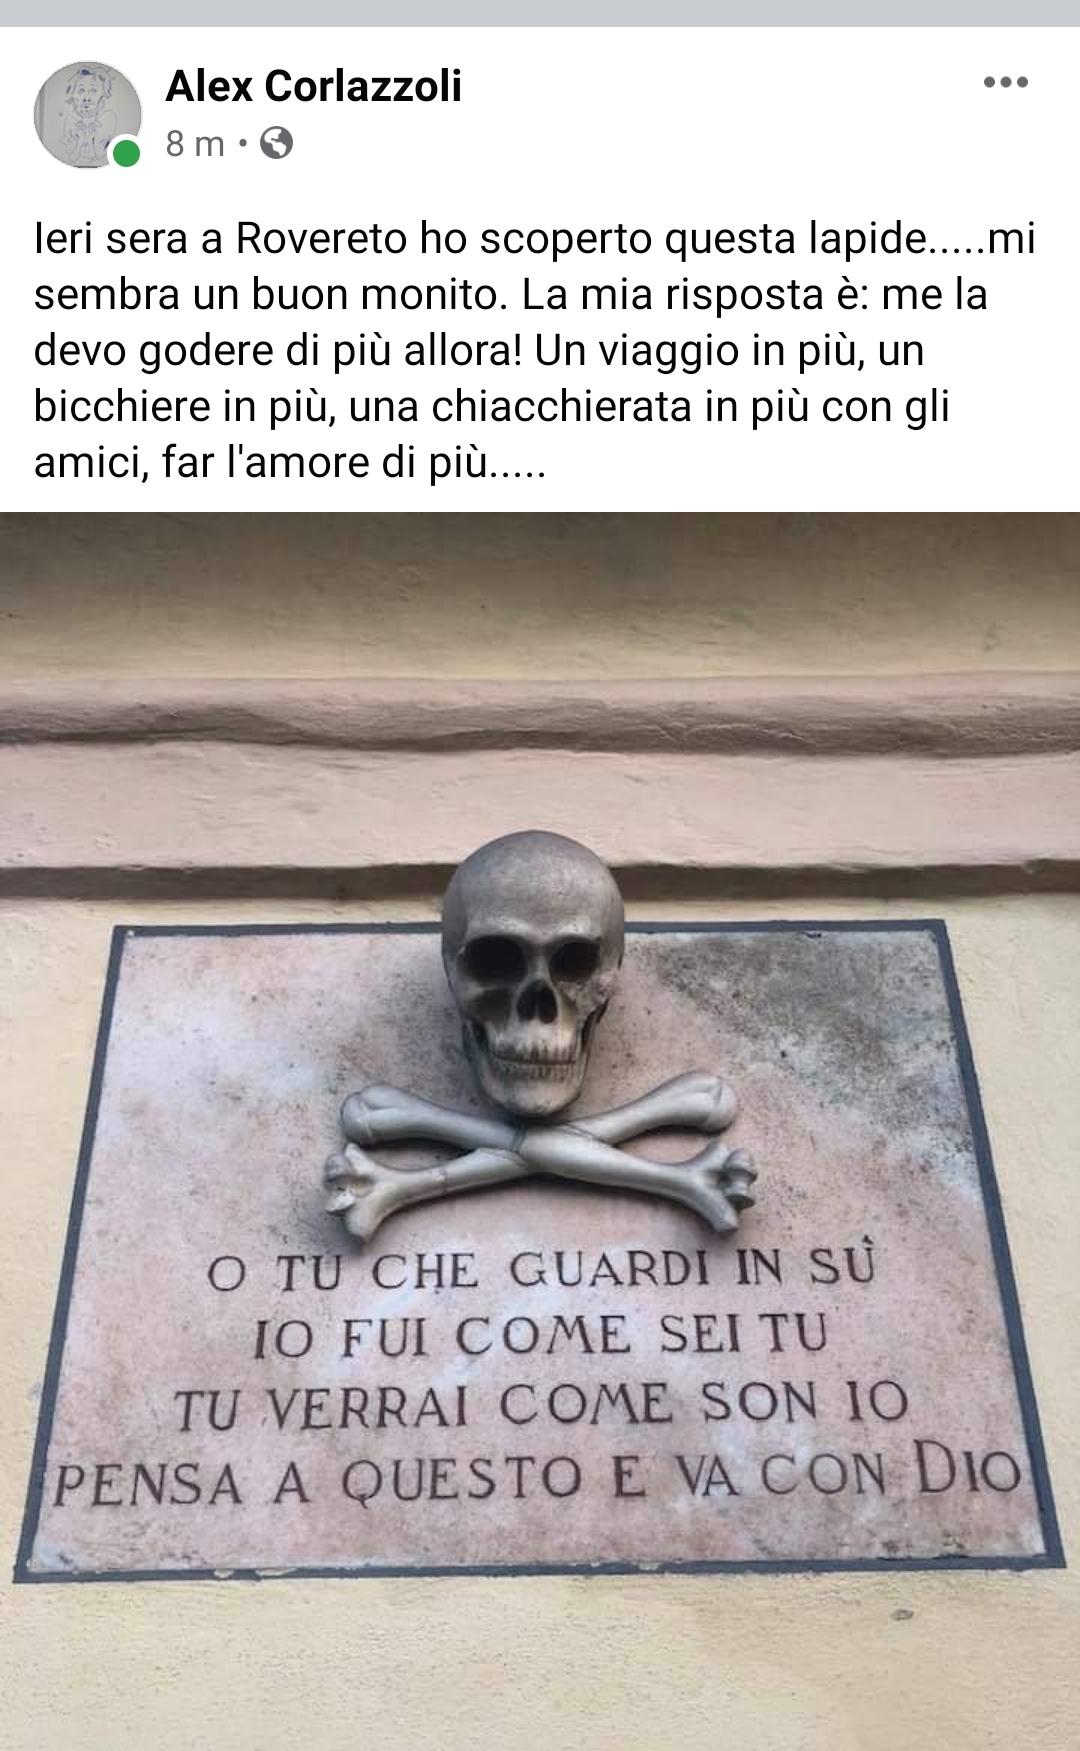 Il Maestro d'Italia (e tante alter cose) Alex Corlazzoli, filosofia attuale dopo chiusure e Lockdown invita a uscire di più, prenderla come viene e vivere